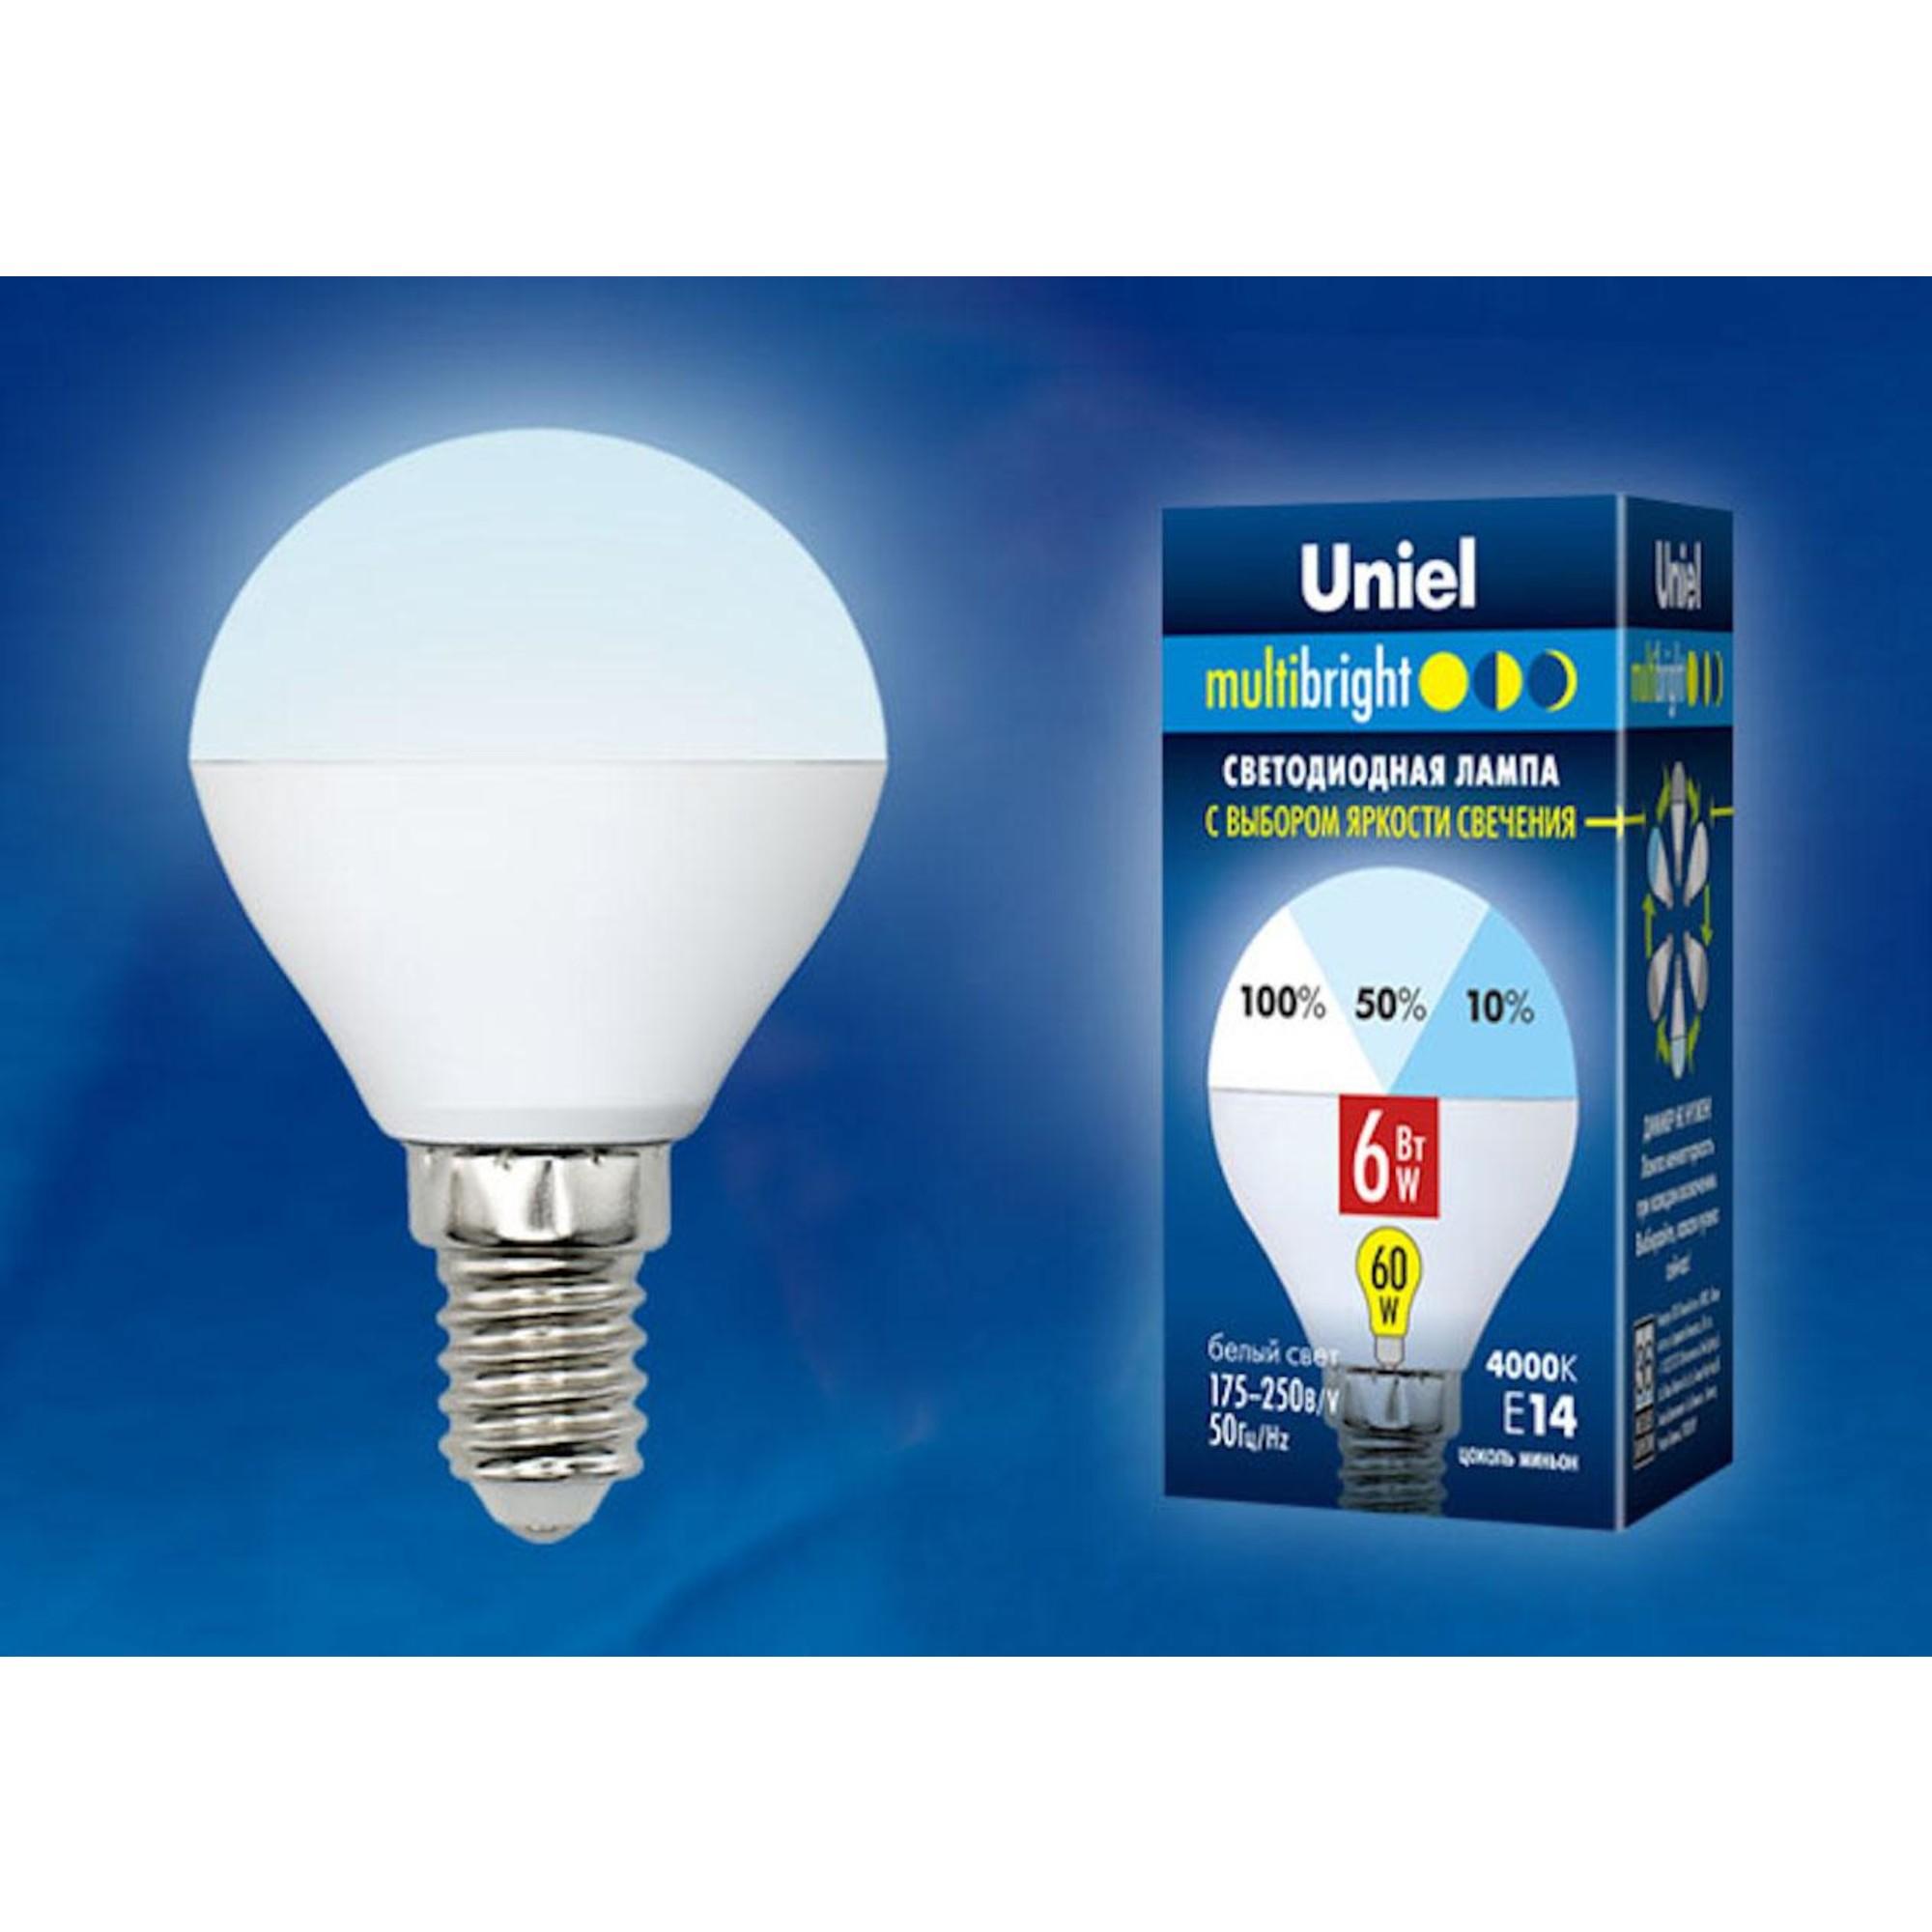 Светодиодная лампочка Uniel LED-G45-6W Multibright UL-00002376